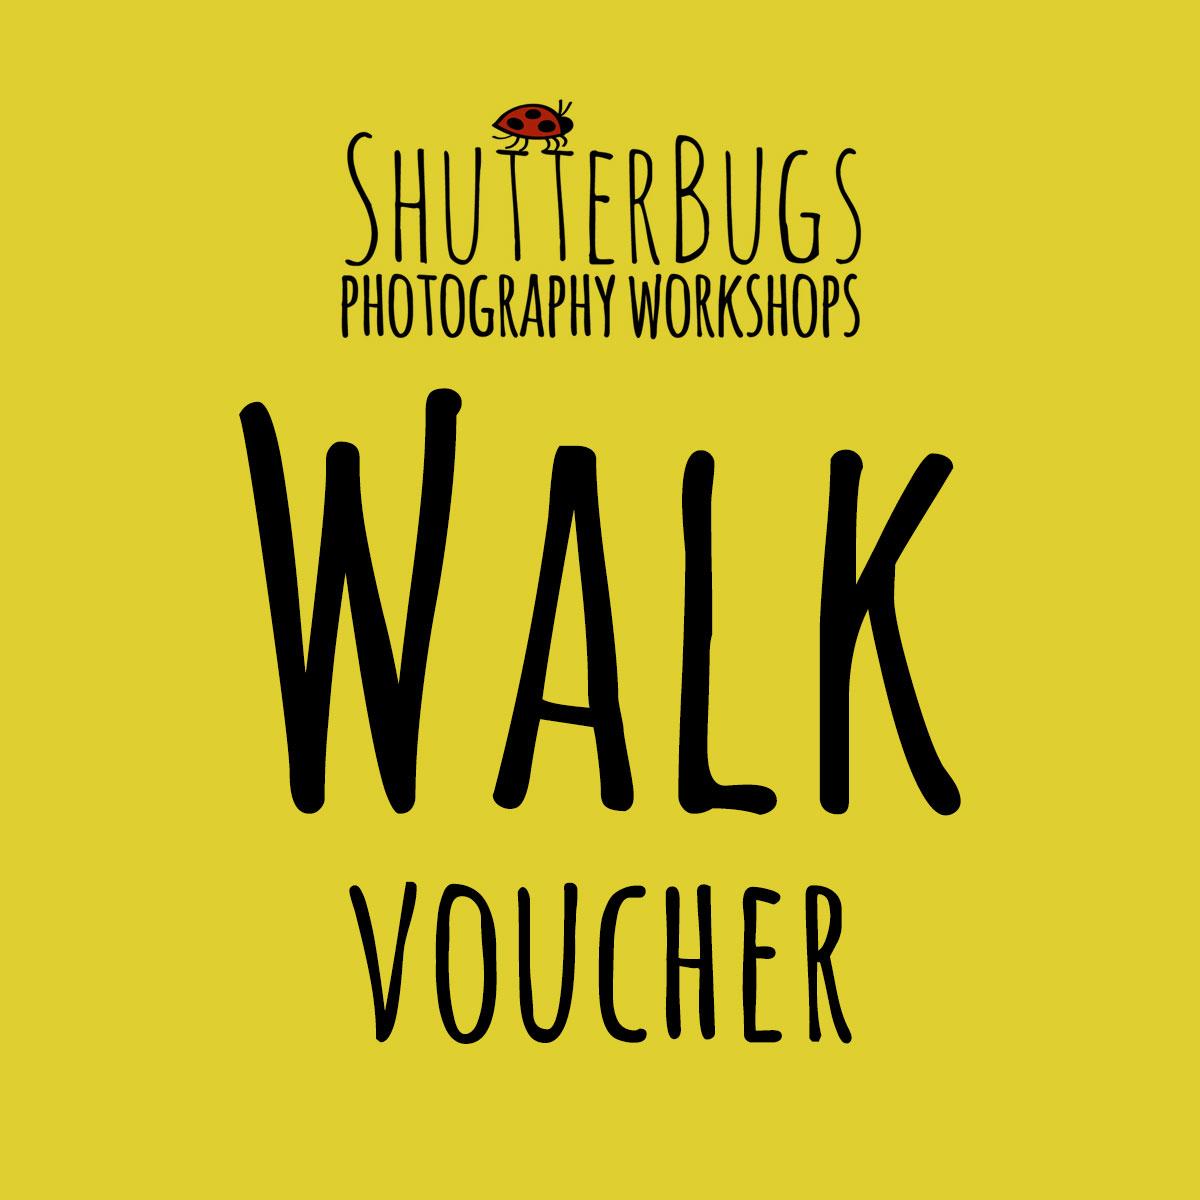 Shutter Bugs Walk Voucher